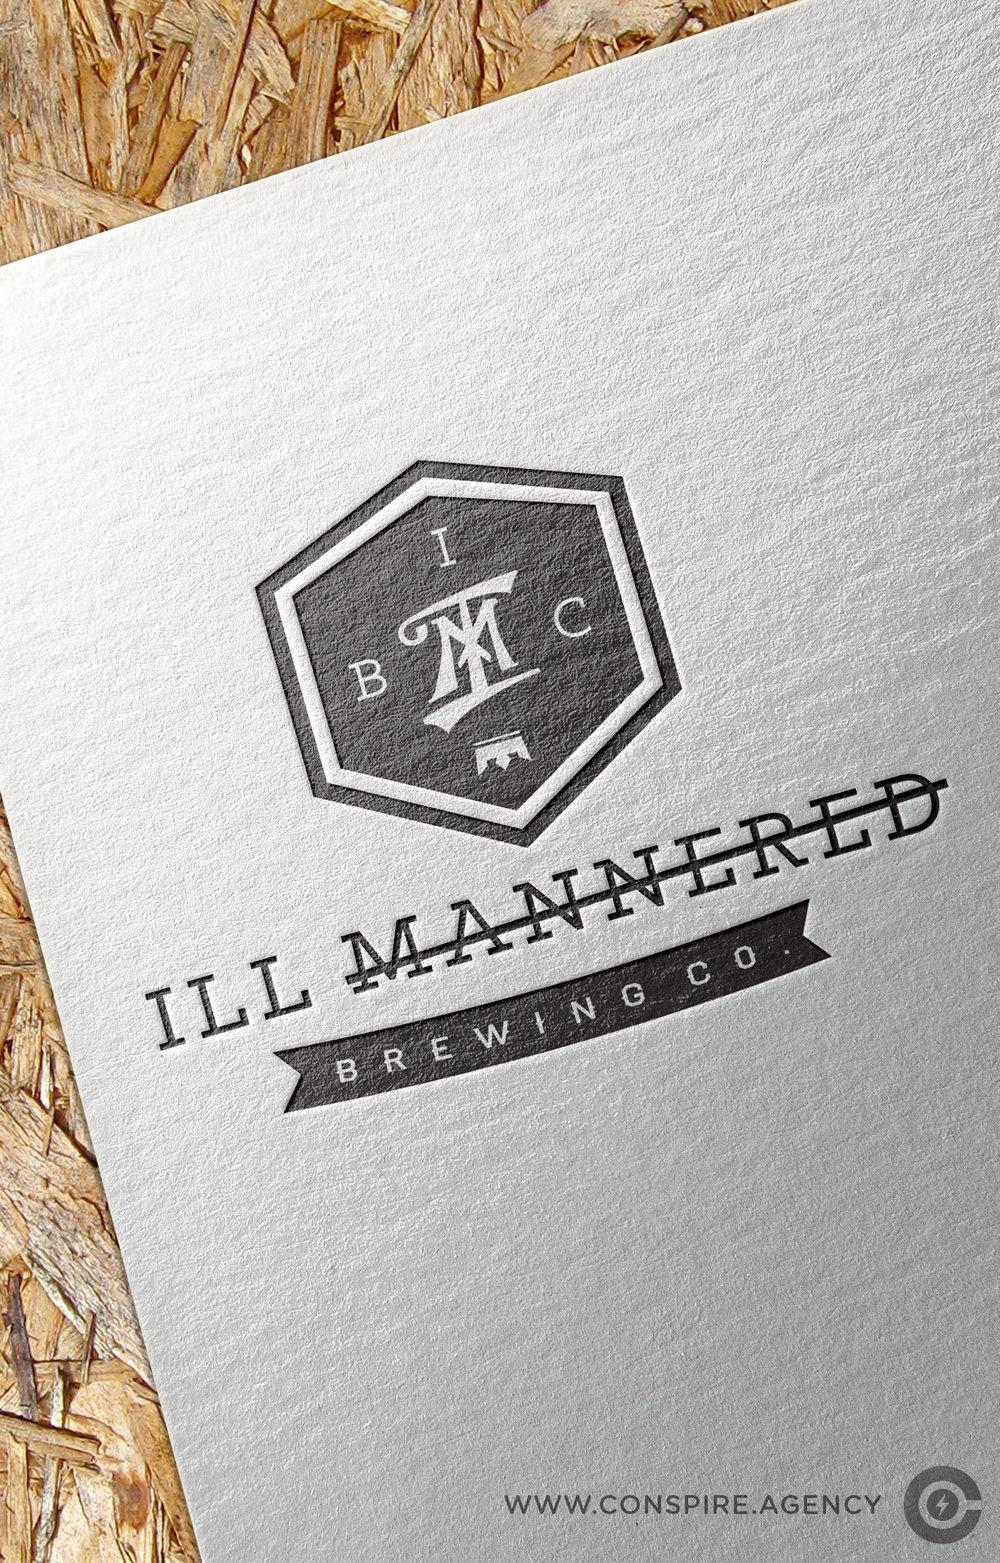 Ill-Mannered-Beer-Branding-Logo-Design-3